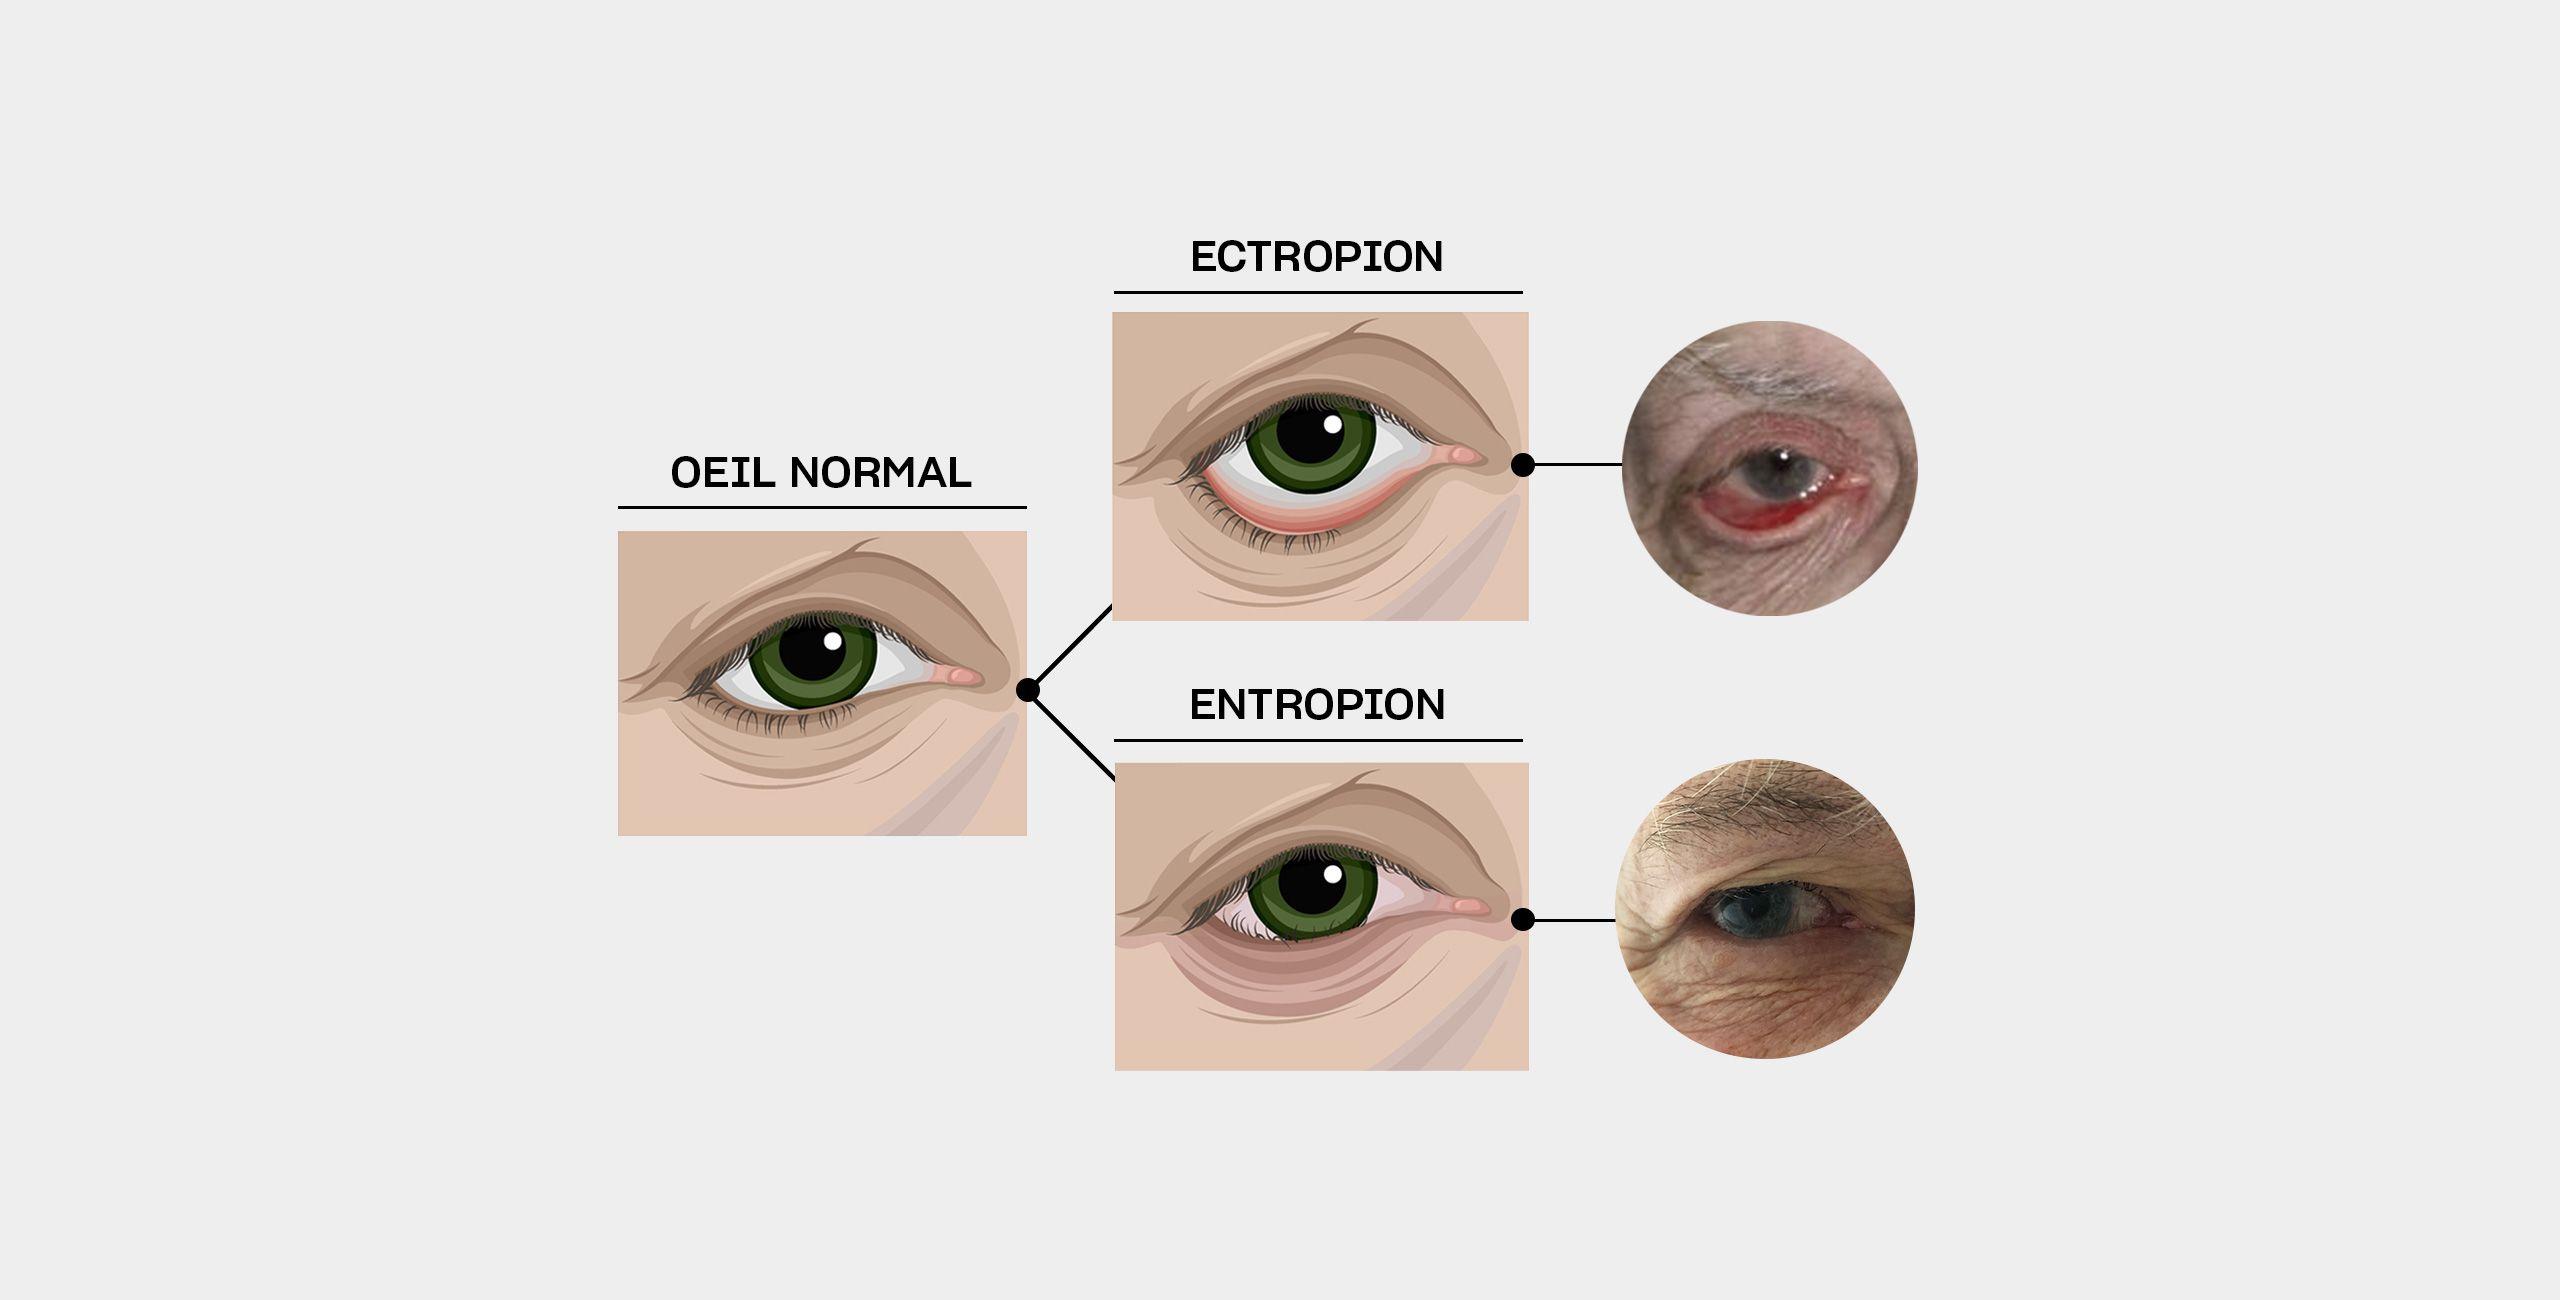 Le traitements de l'entropion et de l'ectropion à Paris 5 au Centre ophtalmologique COSS